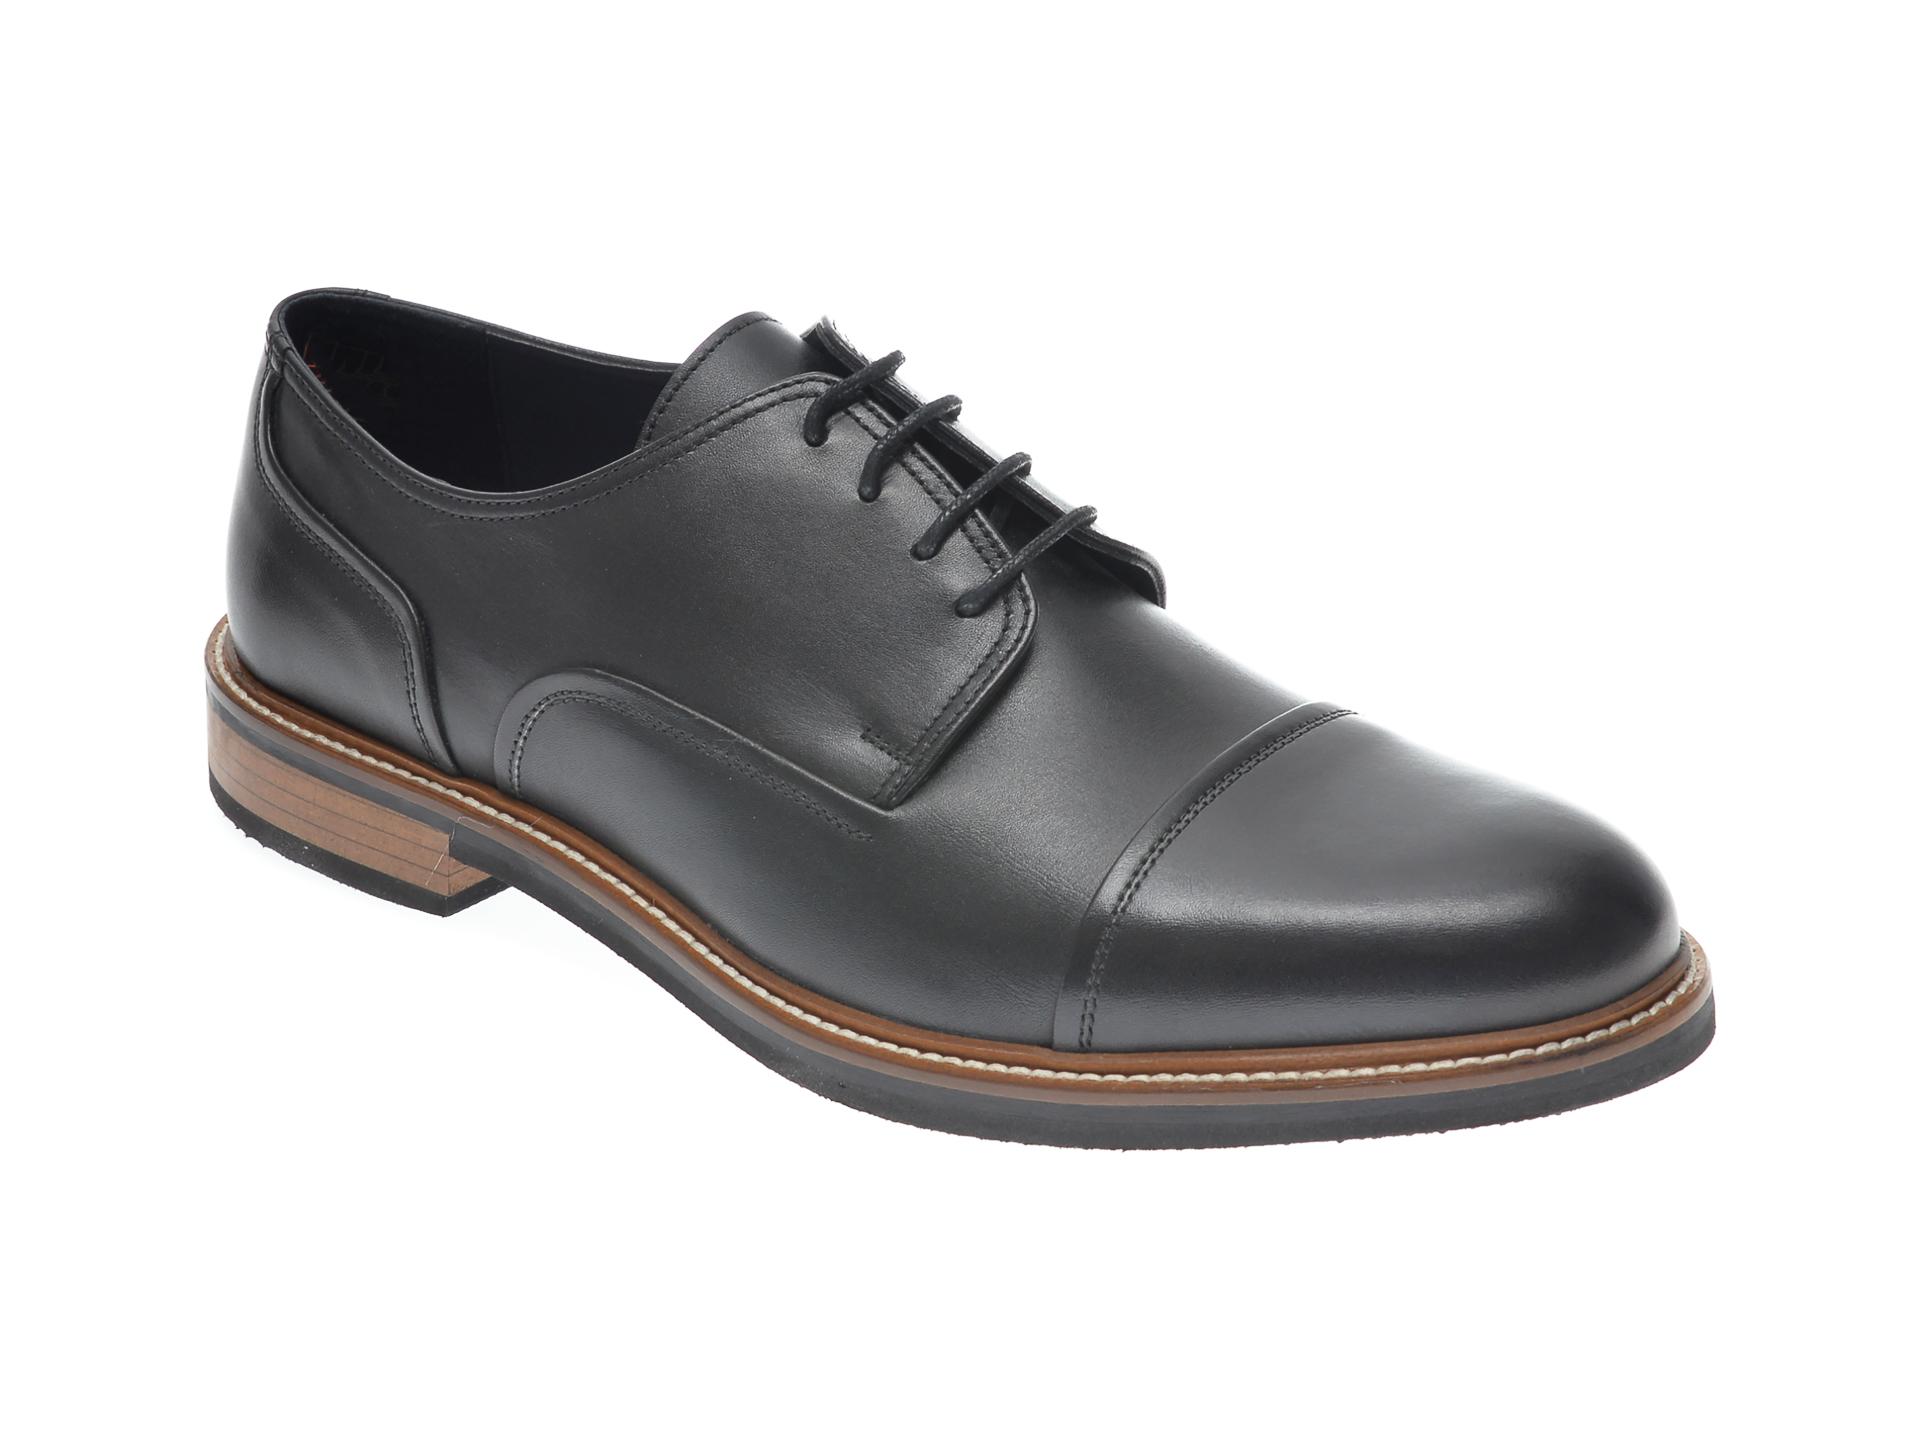 Pantofi OTTER negri, 7843, din piele naturala imagine otter.ro 2021